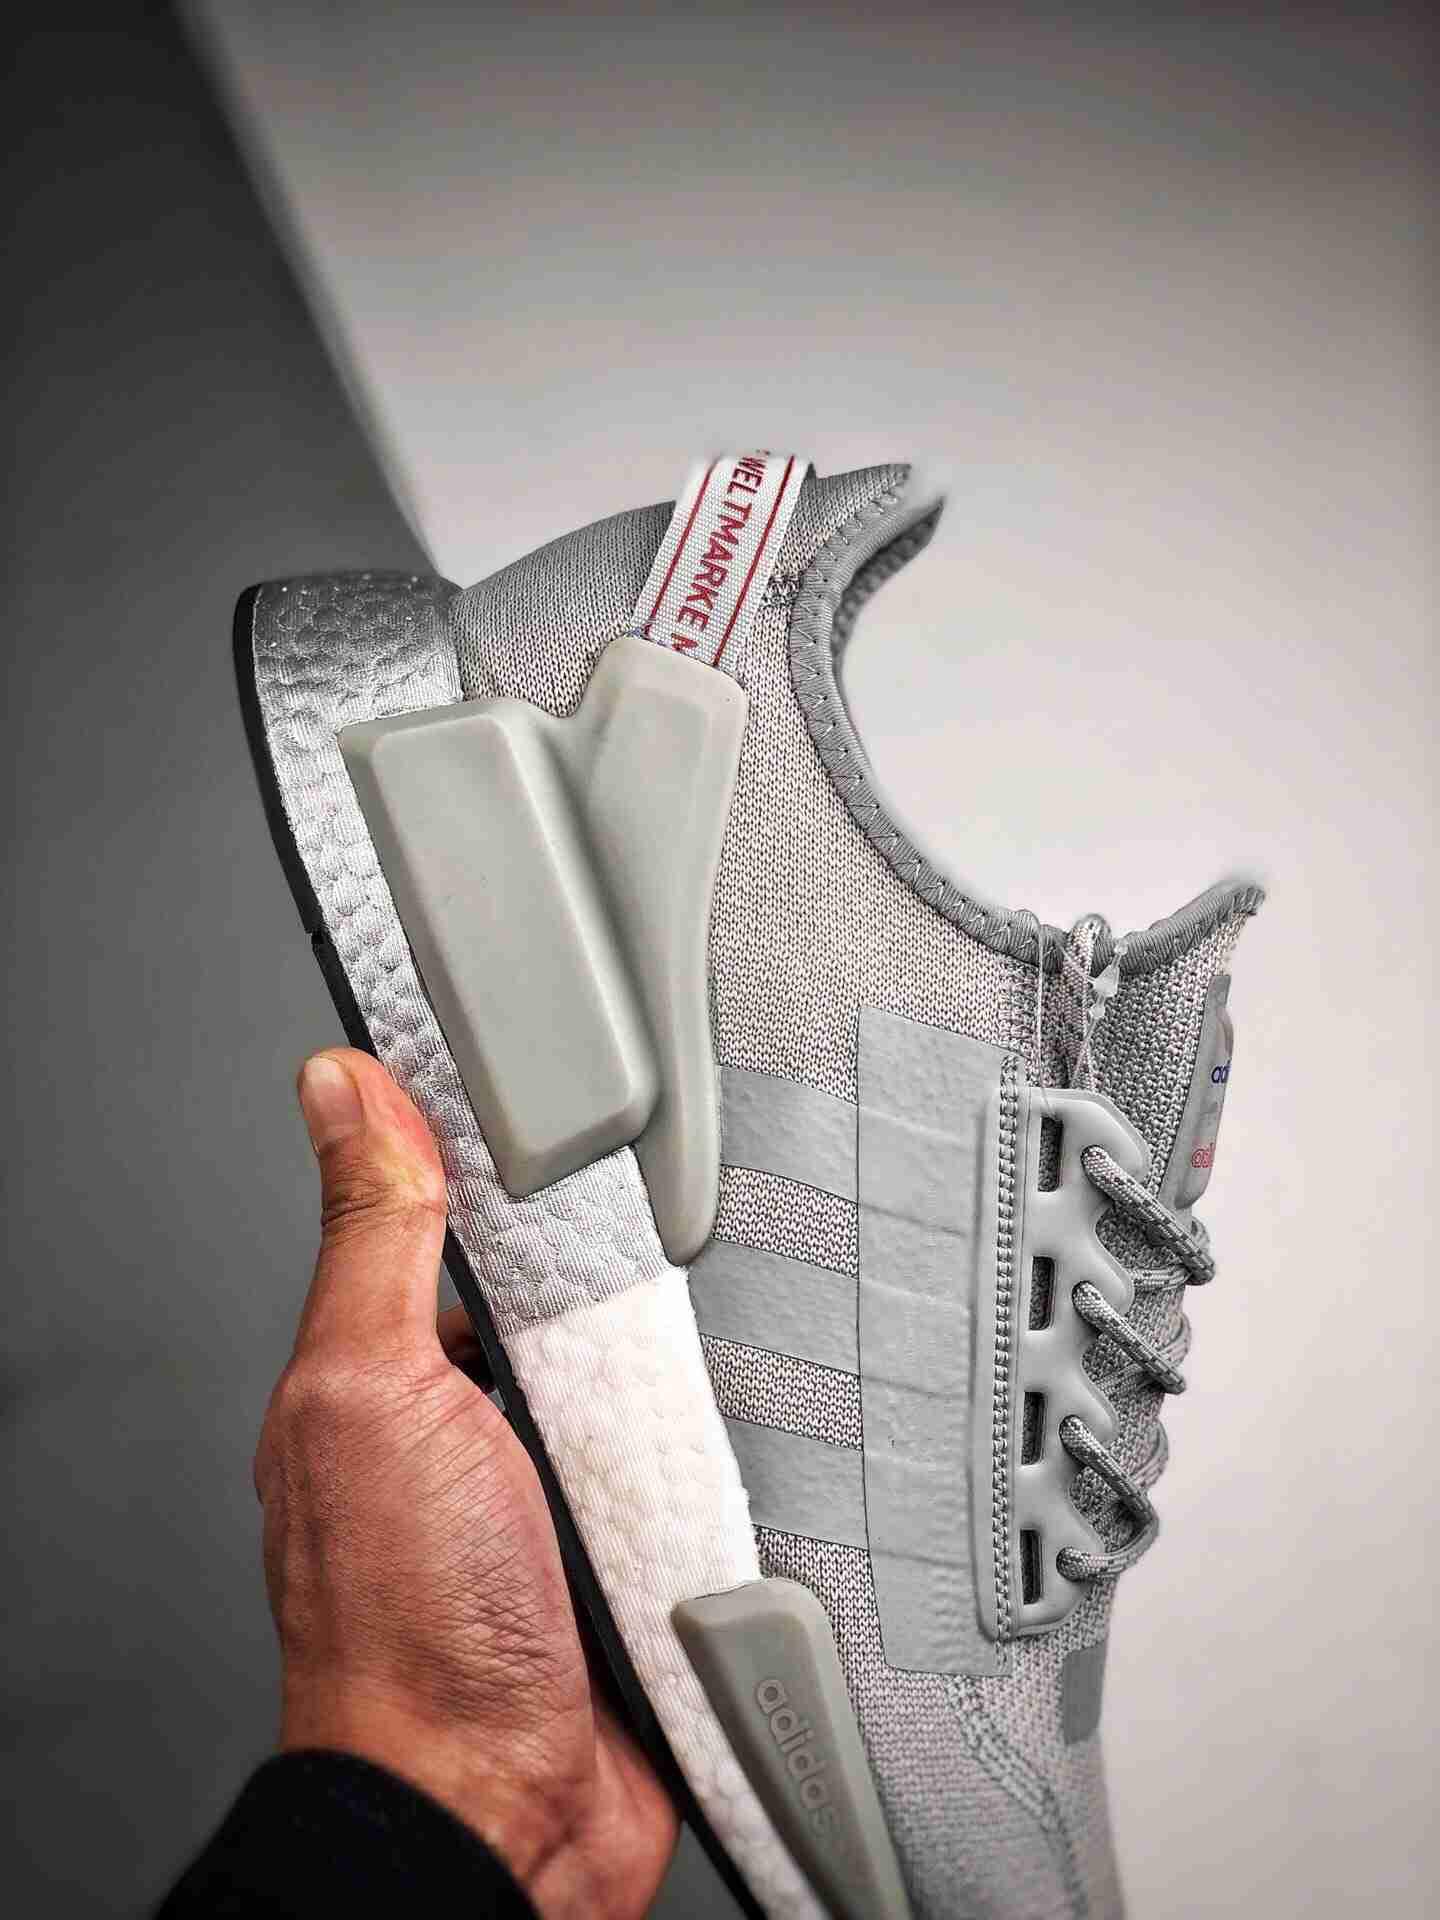 Adidas NMD _R1 白银3M 渠道鱼鳞版本